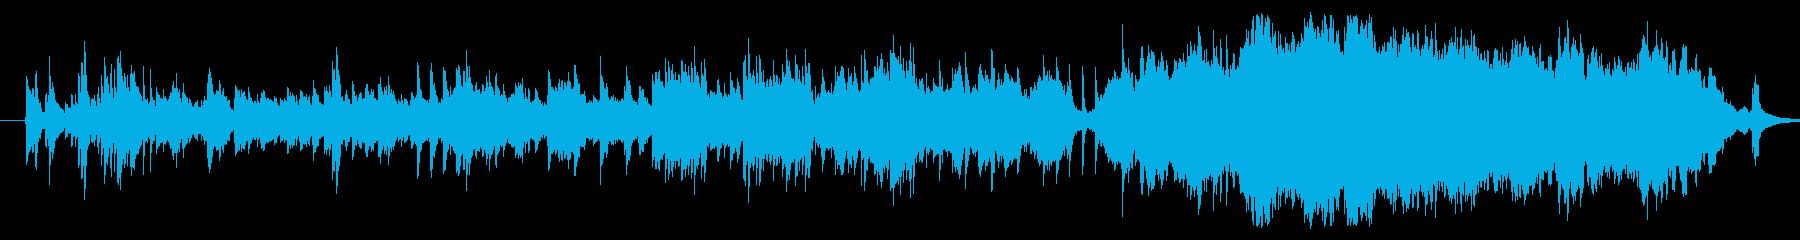 感動的で綺麗な音色のピアノメロディーの再生済みの波形